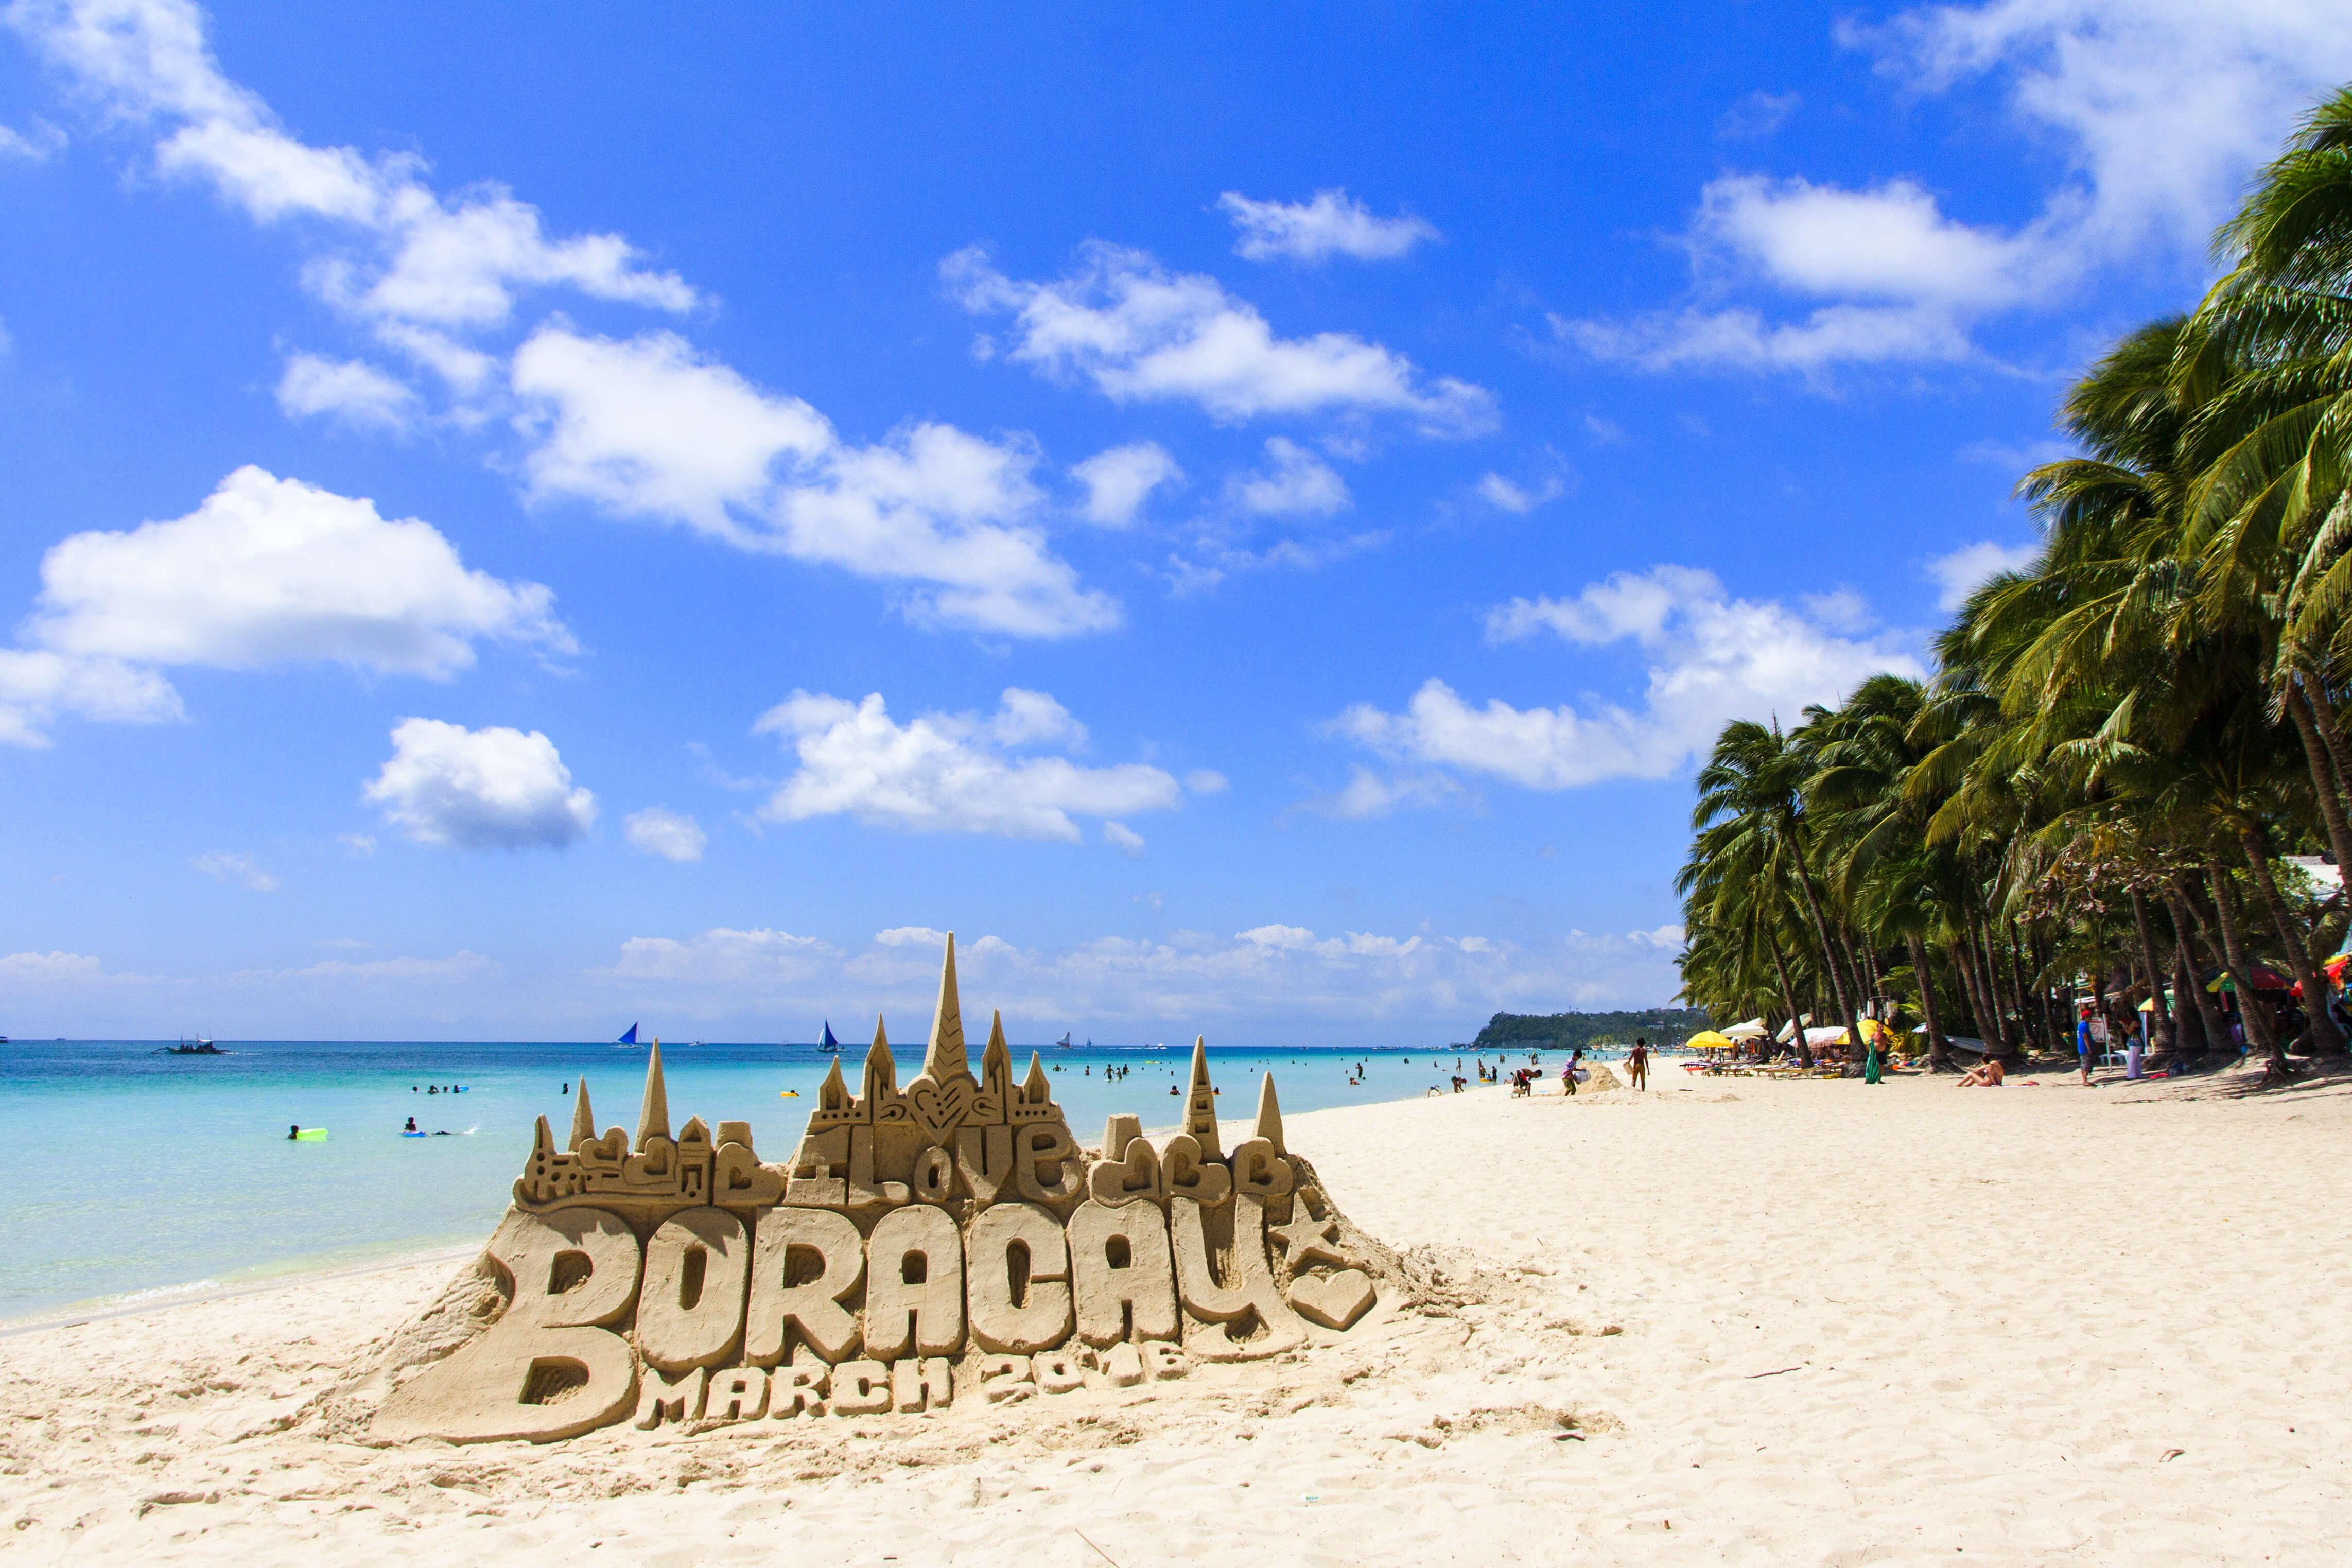 Boracay beach philippines